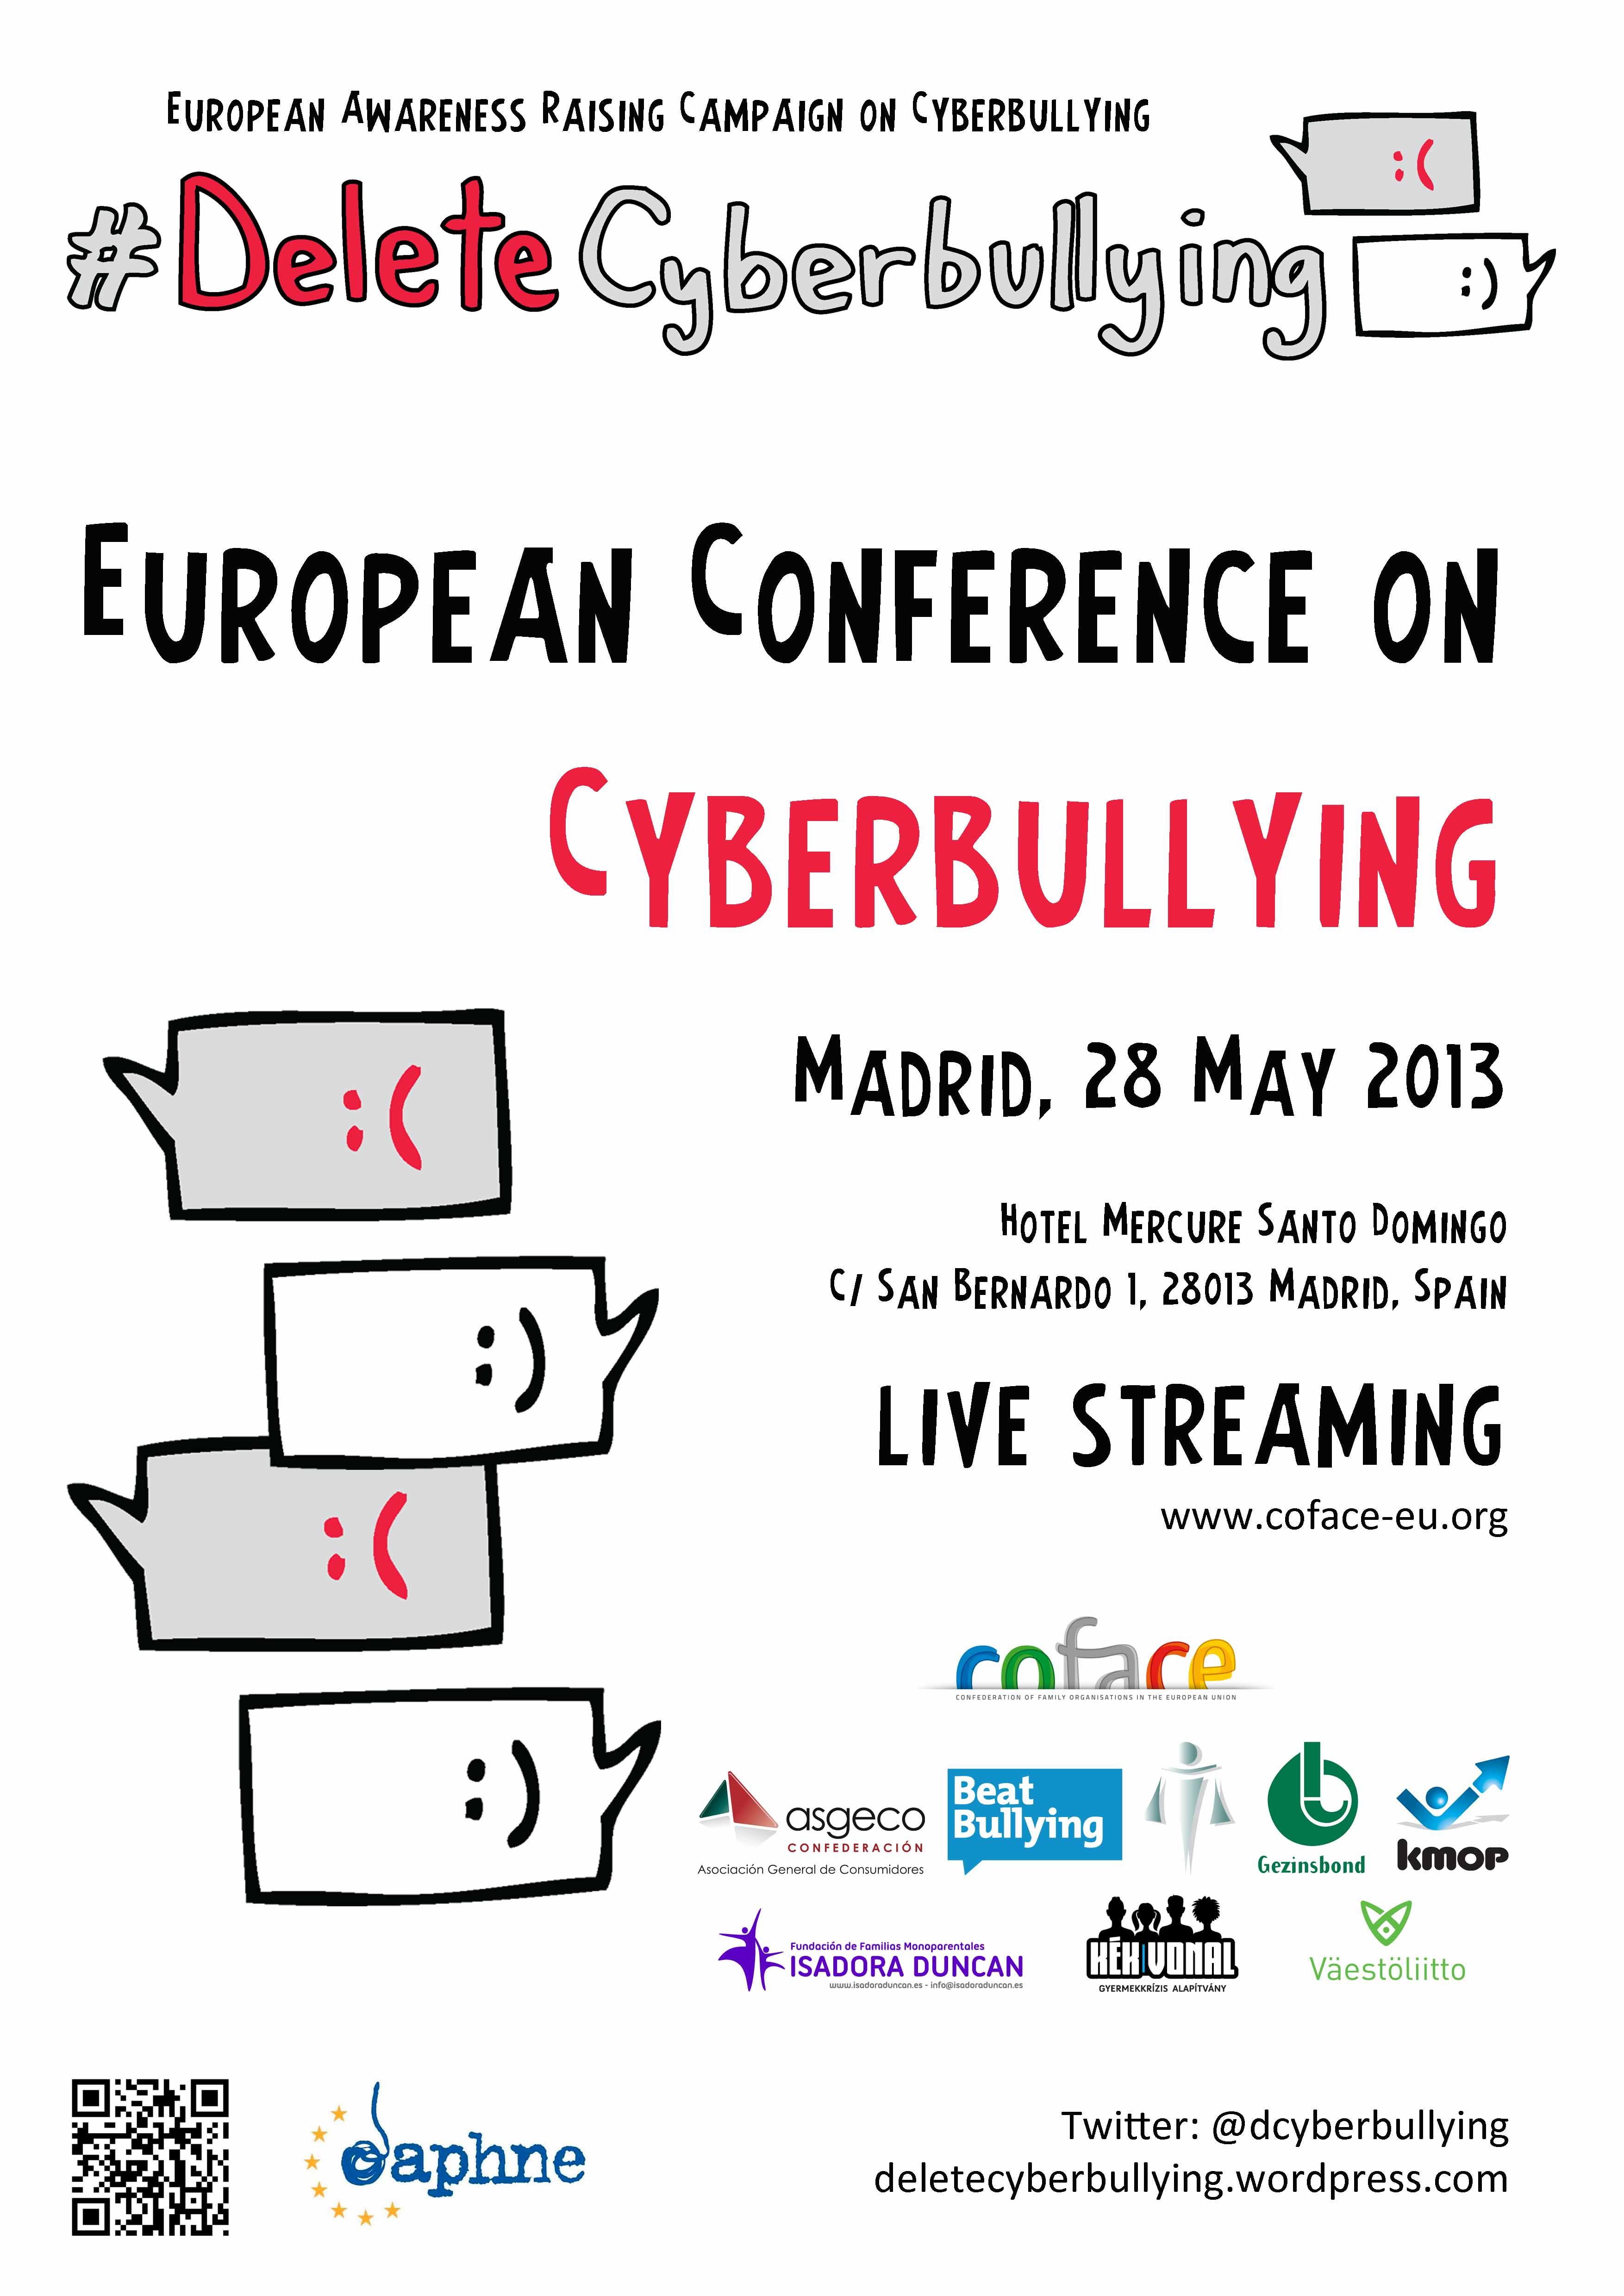 Madrid ser sede de la primera conferencia europea sobre - Casos de ciberacoso en espana ...